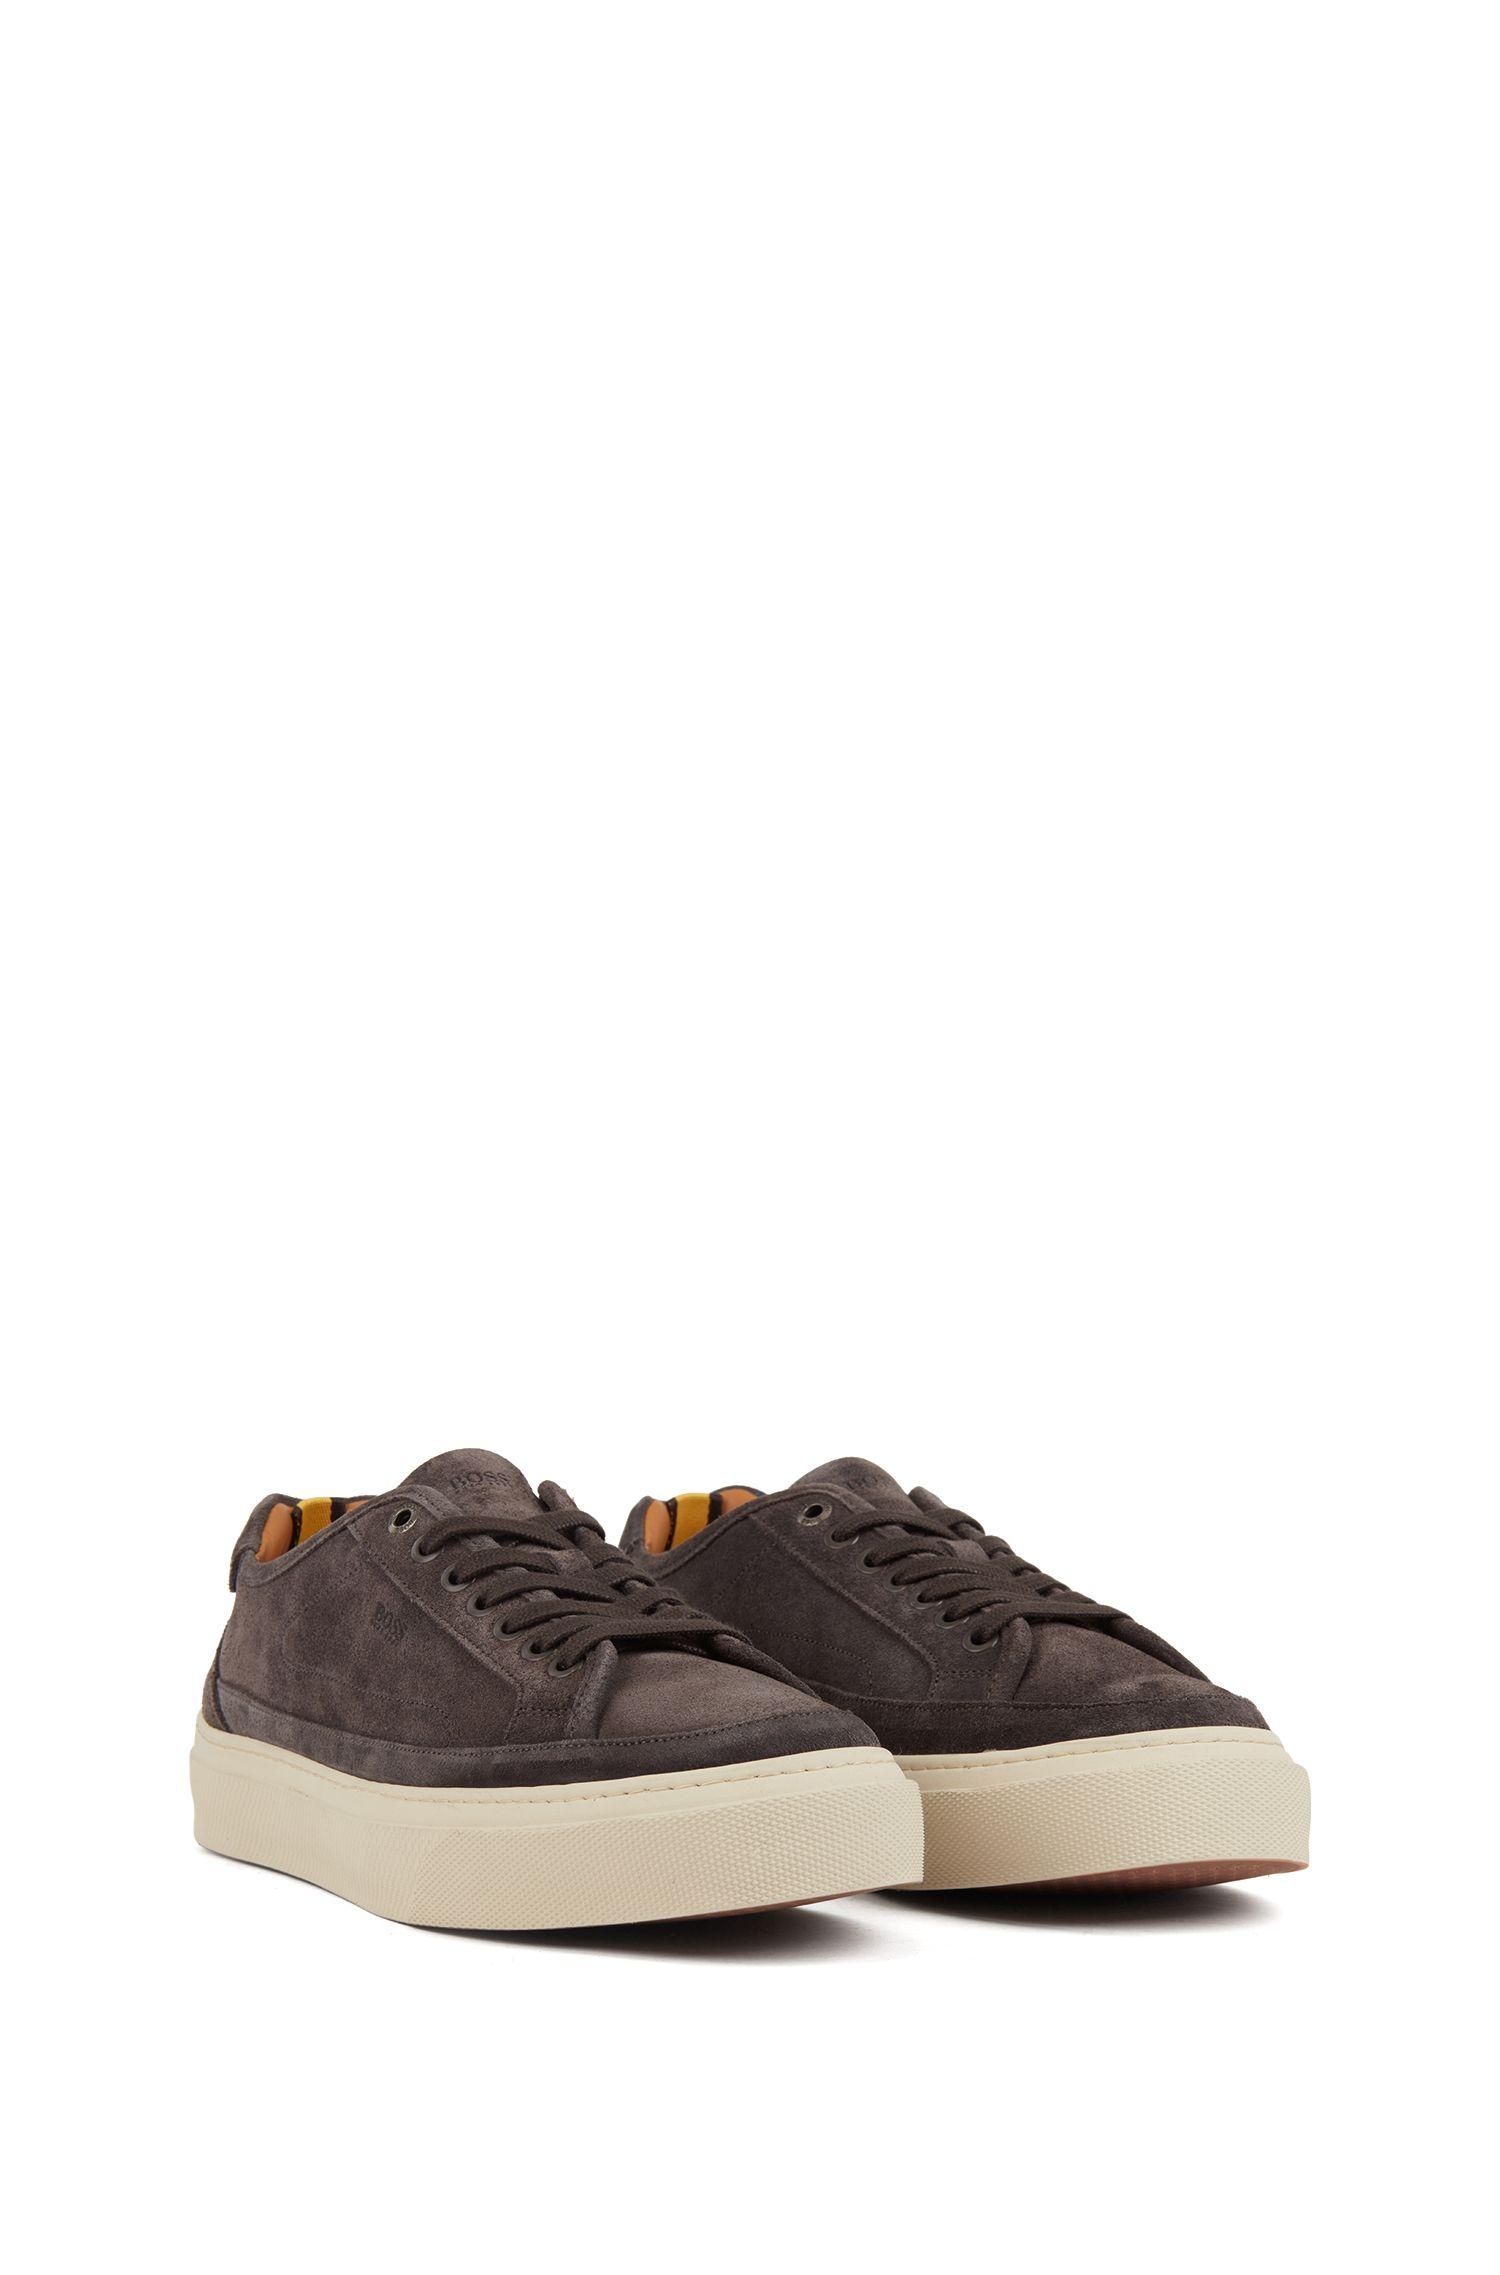 Baskets inspirées des chaussures de tennis en cuir suédé de veau avec semelle monogrammée, Gris sombre